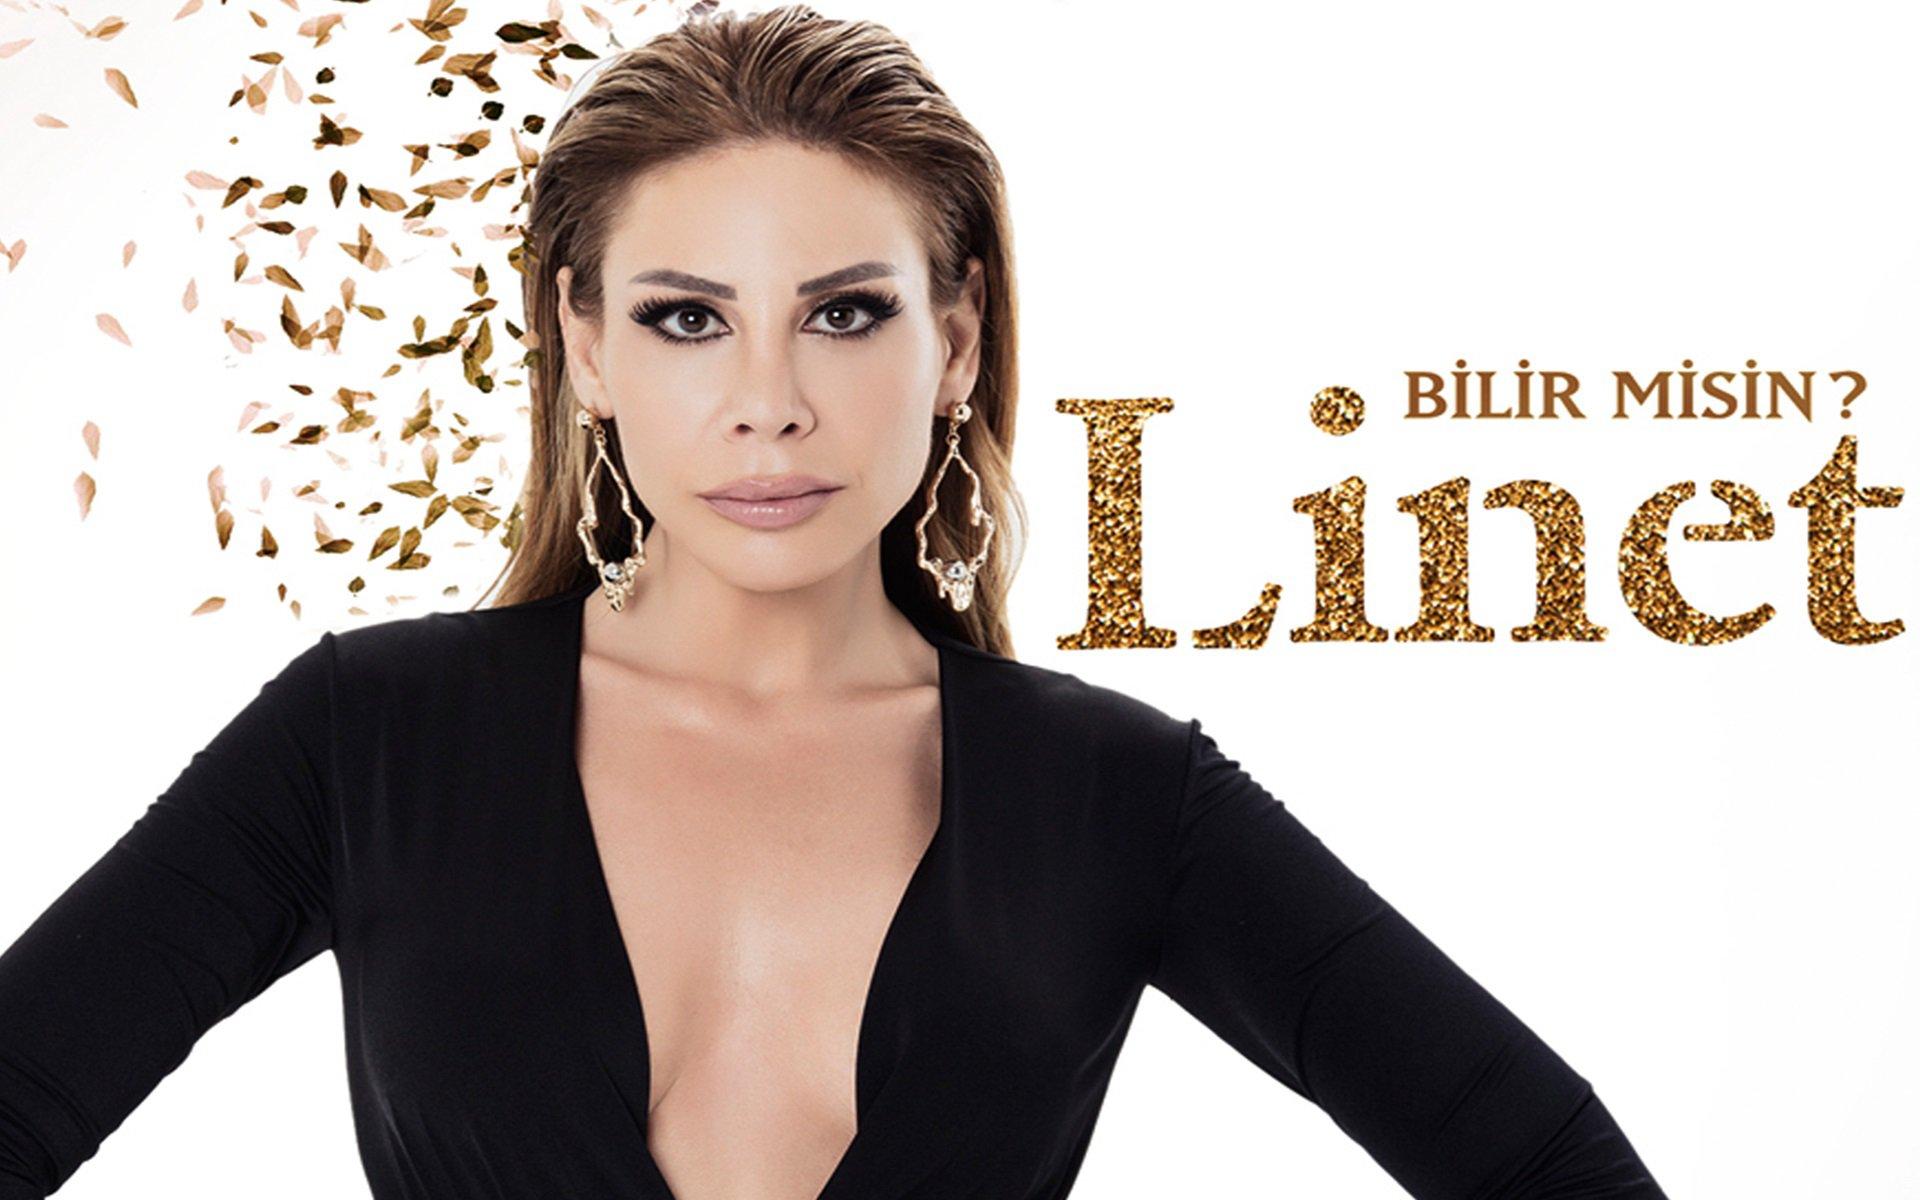 Linet yeni albümünü tamamladı: `Bilir Misin?`